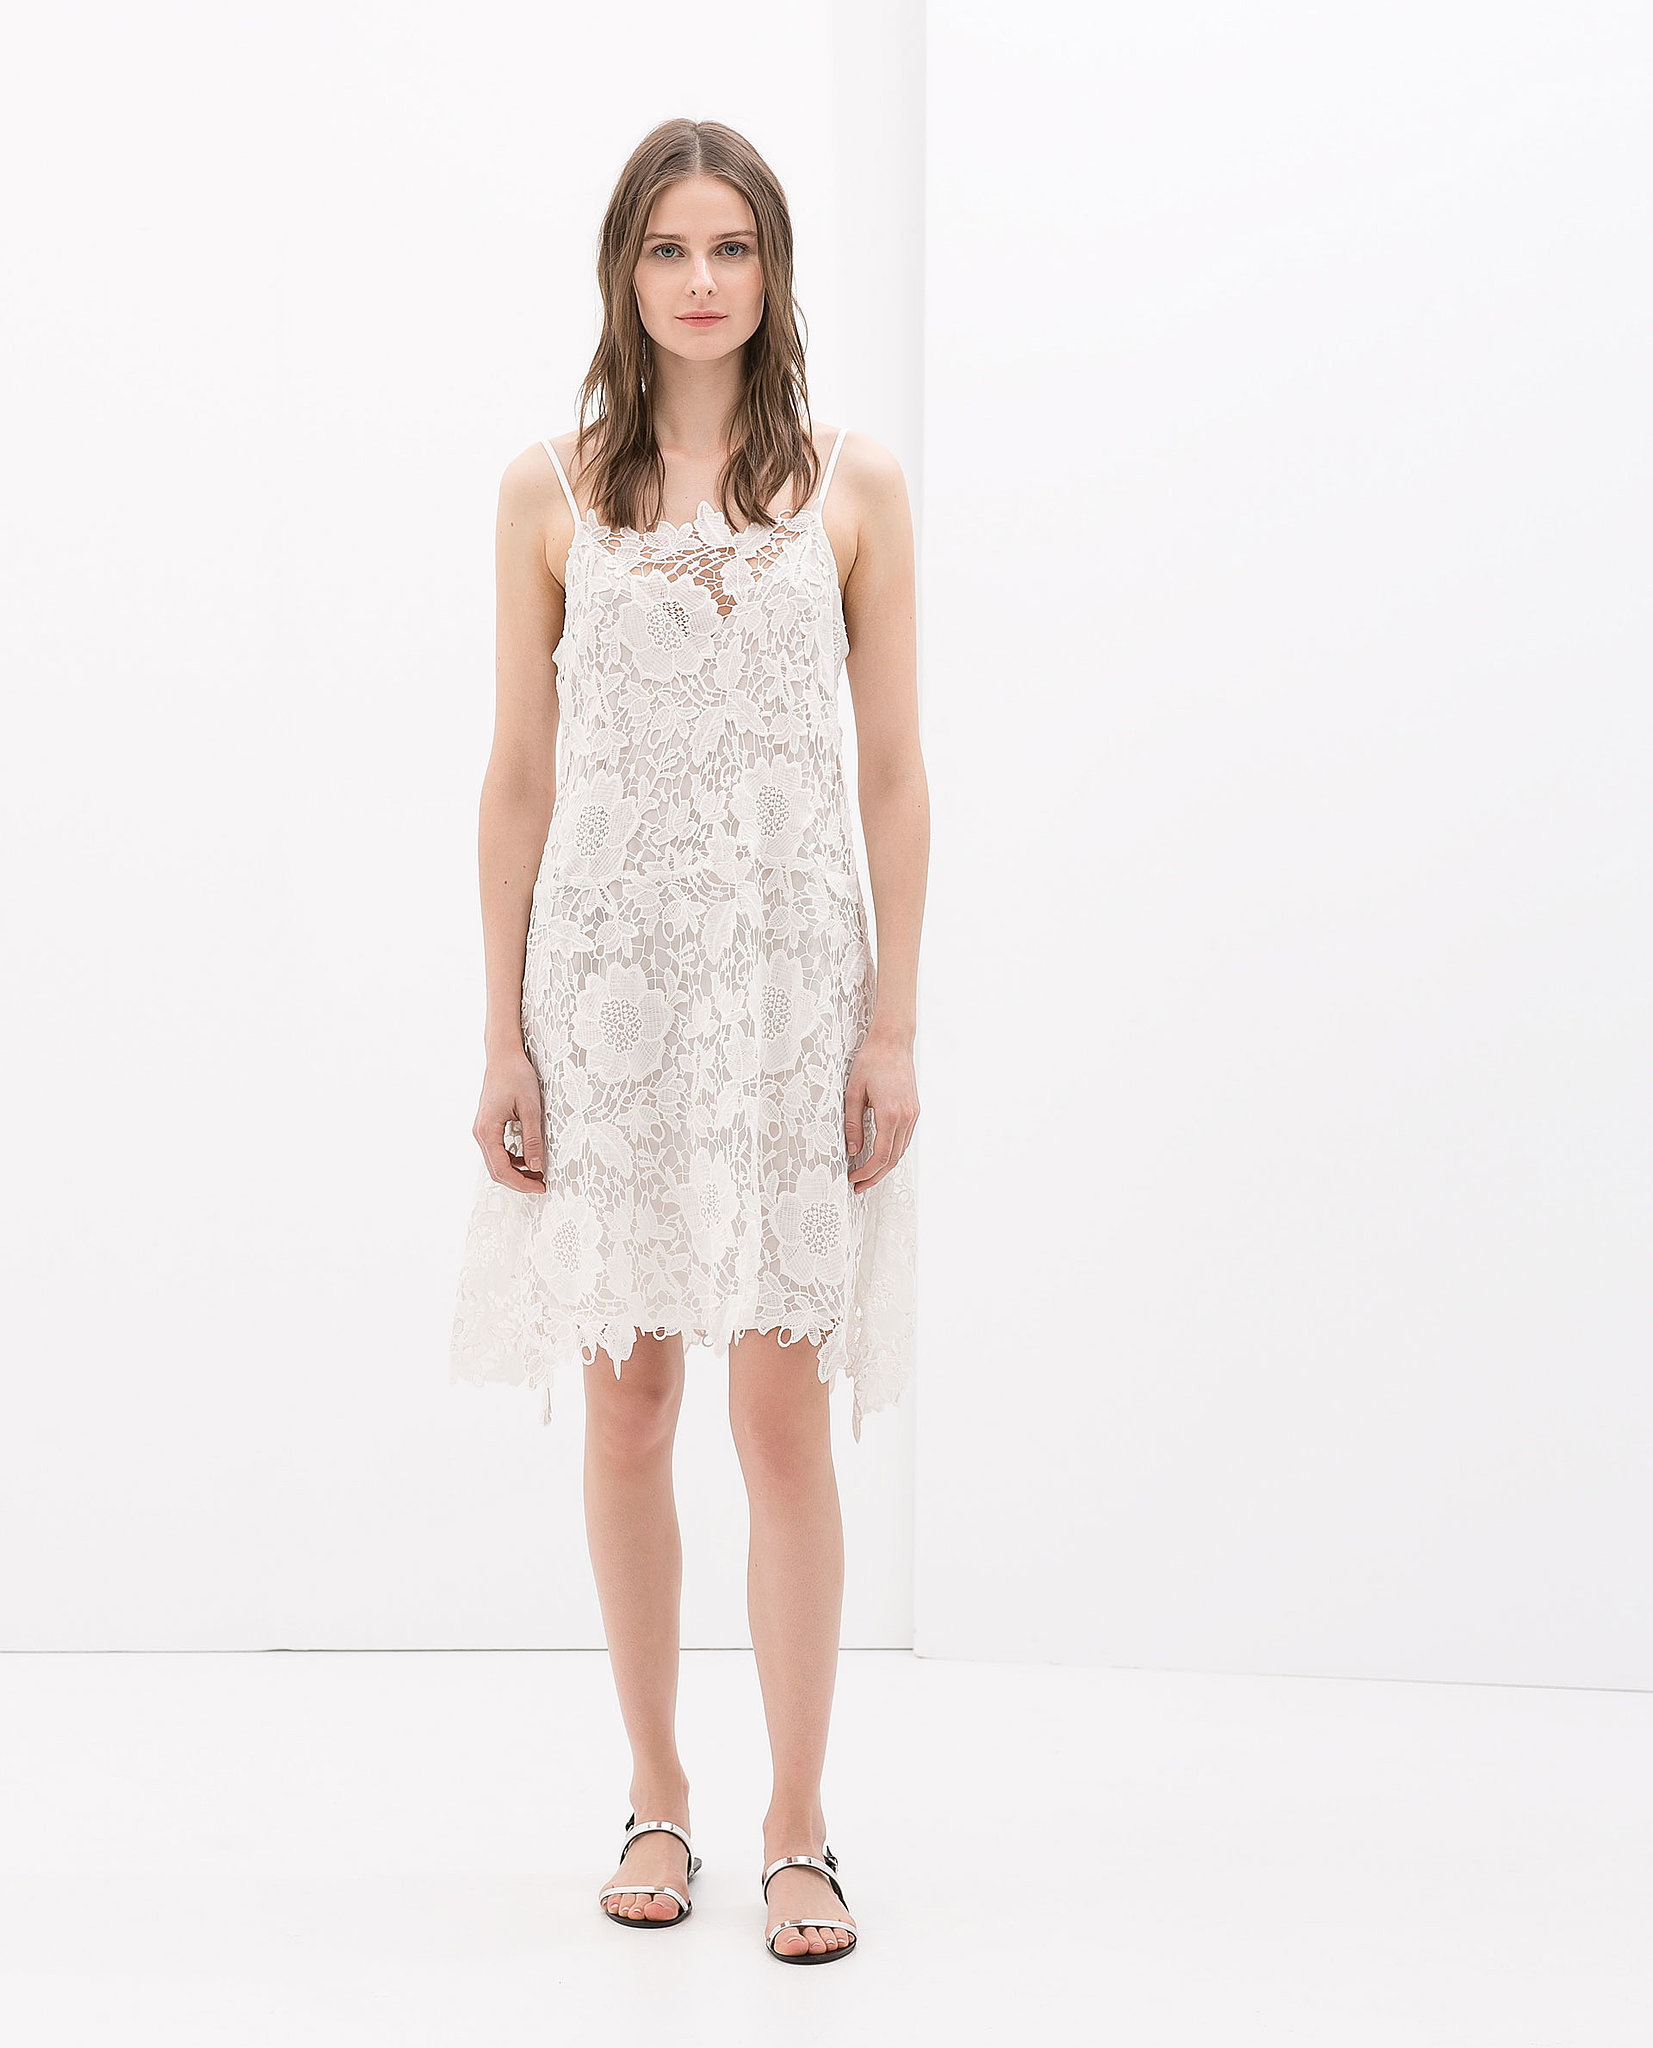 Zara Crochet Dress